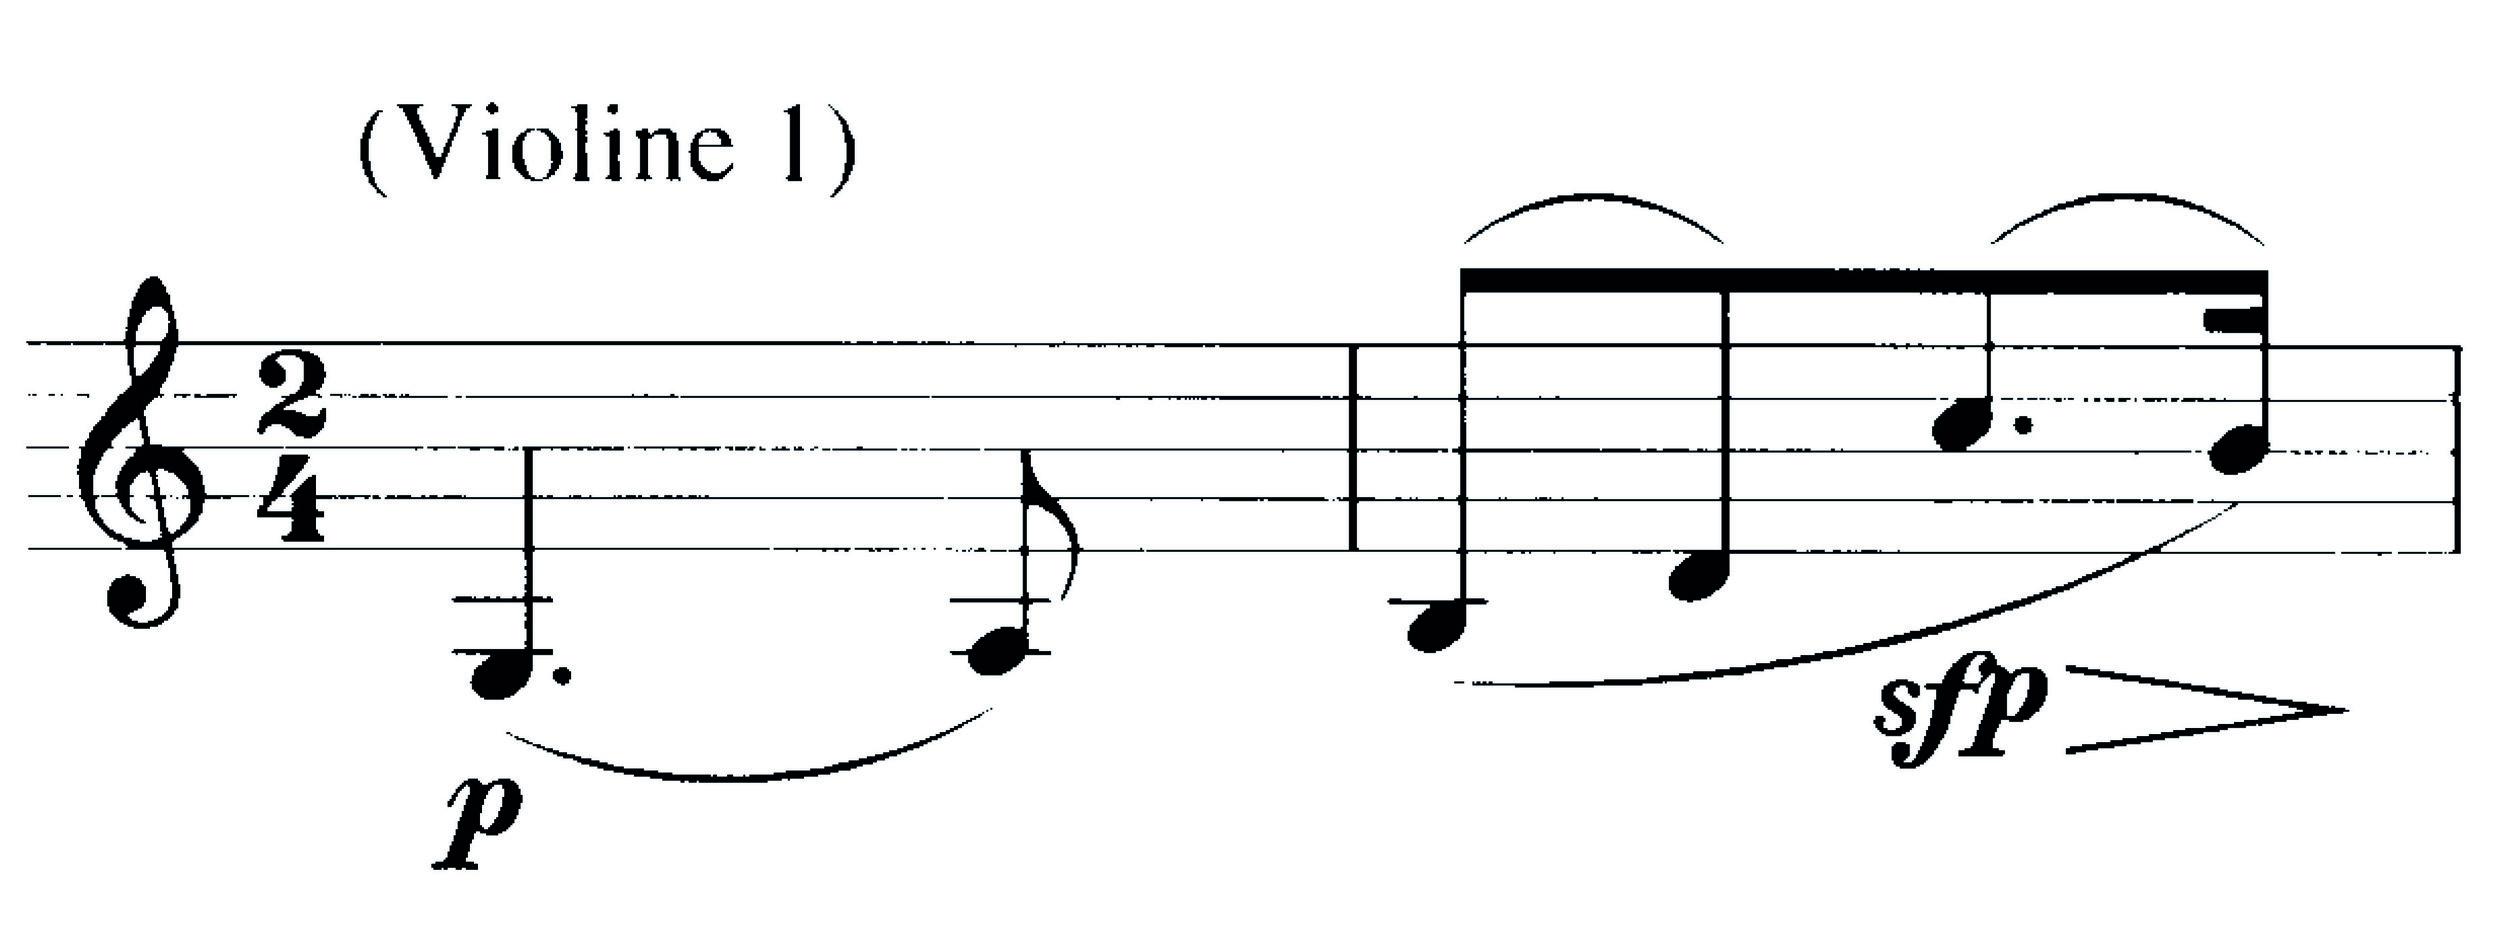 Abbildung 4: Elgar, Serenade op. 20, 2. Satz. 2-taktiges Motiv (1. Violine, T. 1/2), oben Norringtons Bogeneinteilung, unten das Original